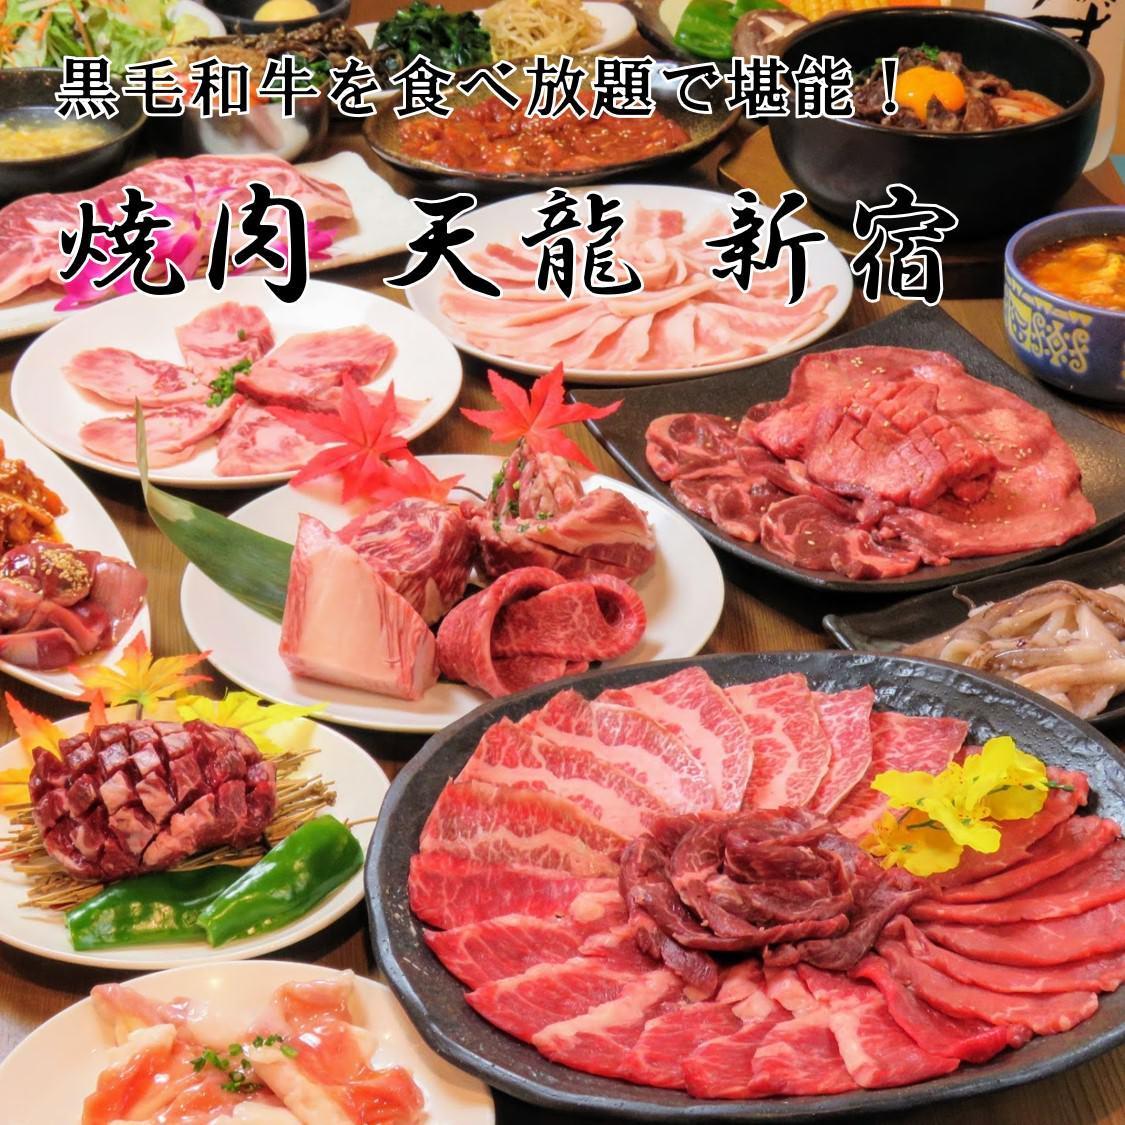 黒毛和牛 焼肉食べ放題 天龍 新宿本店